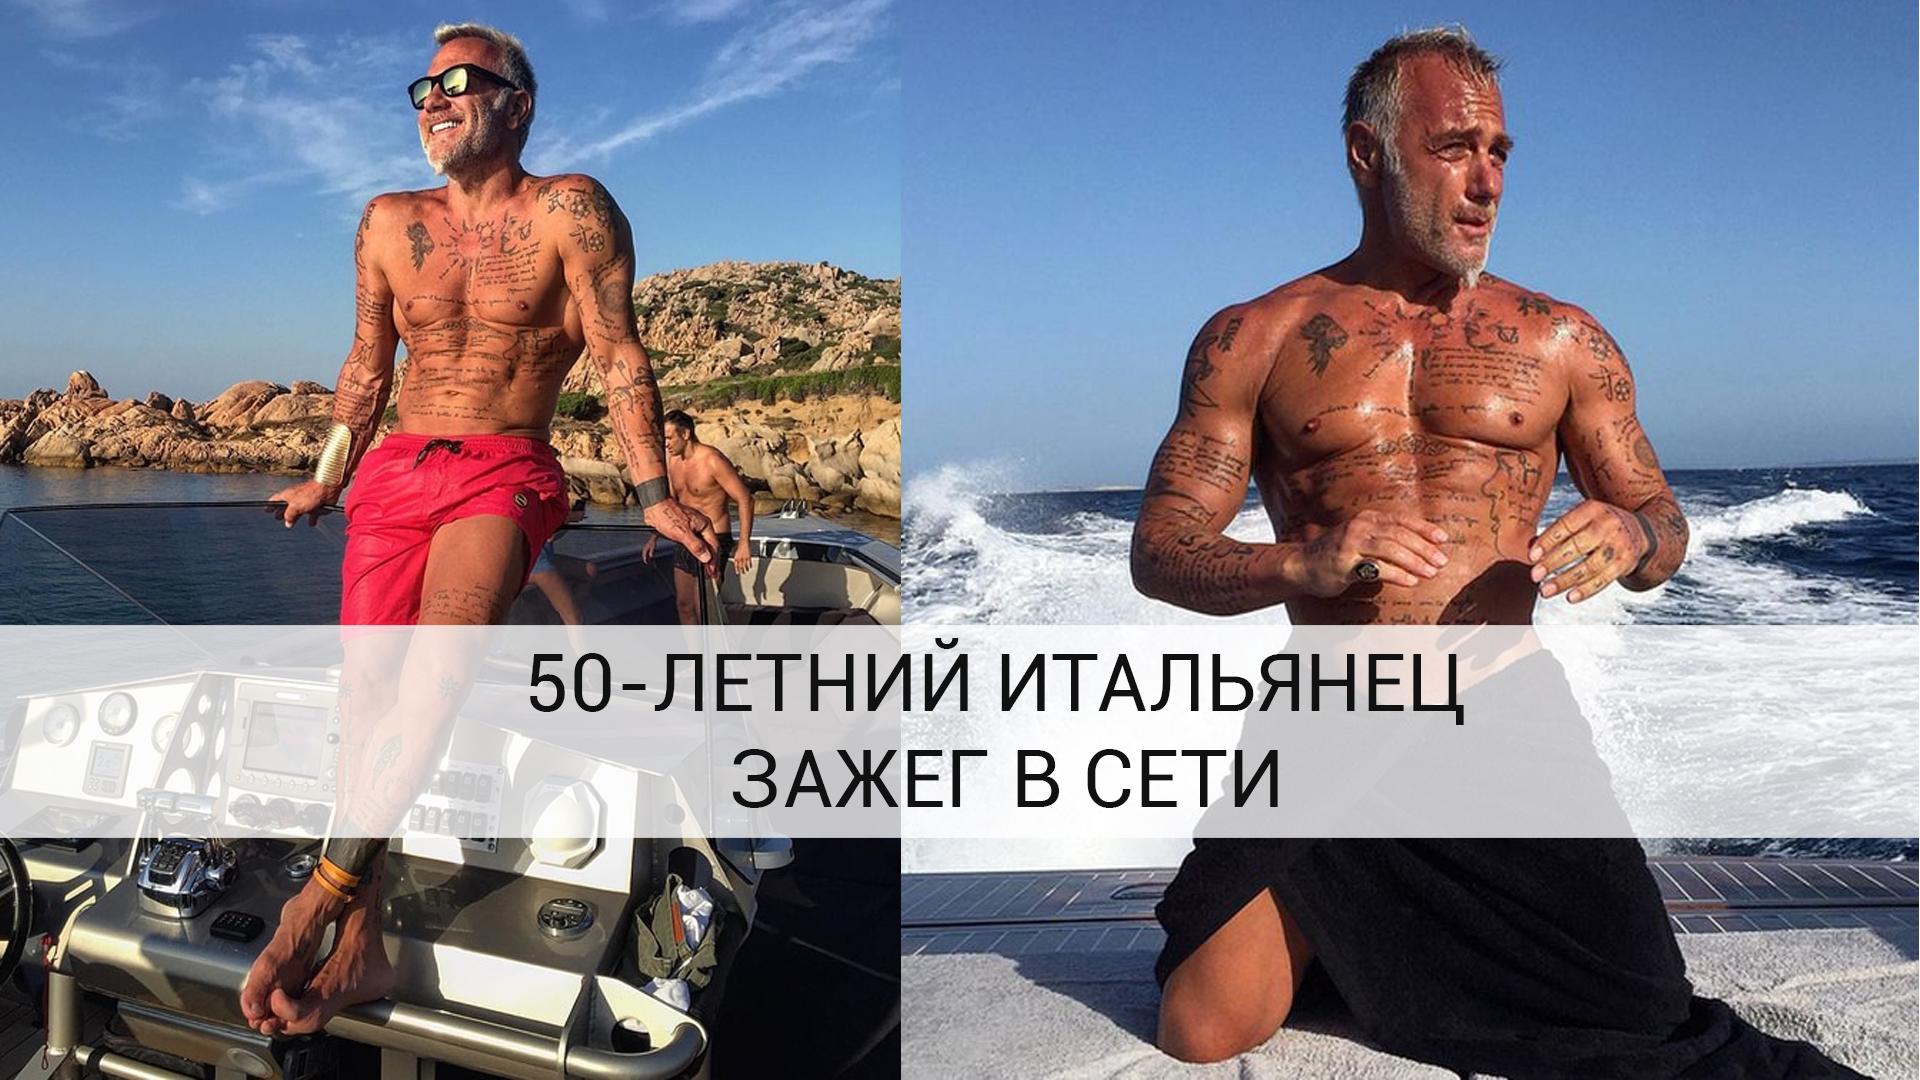 50-летний-итальянец-зажег-в-сети